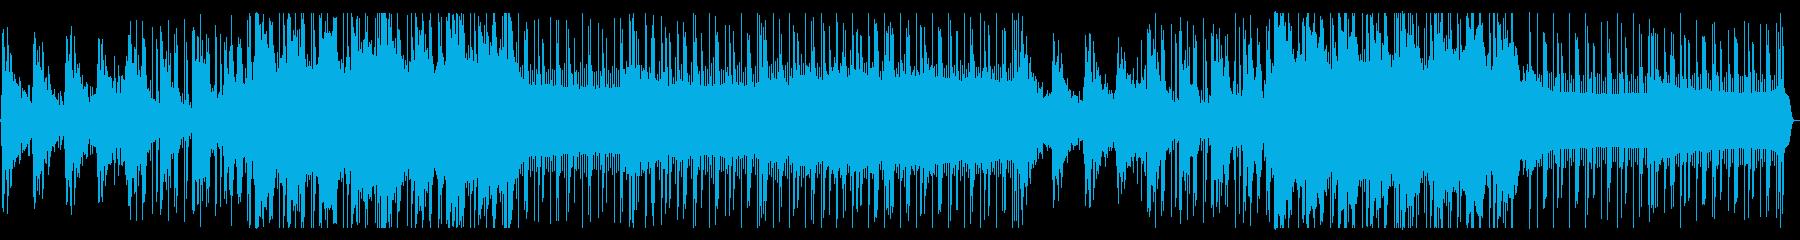 宇宙感あるLofi Hip Hopの再生済みの波形